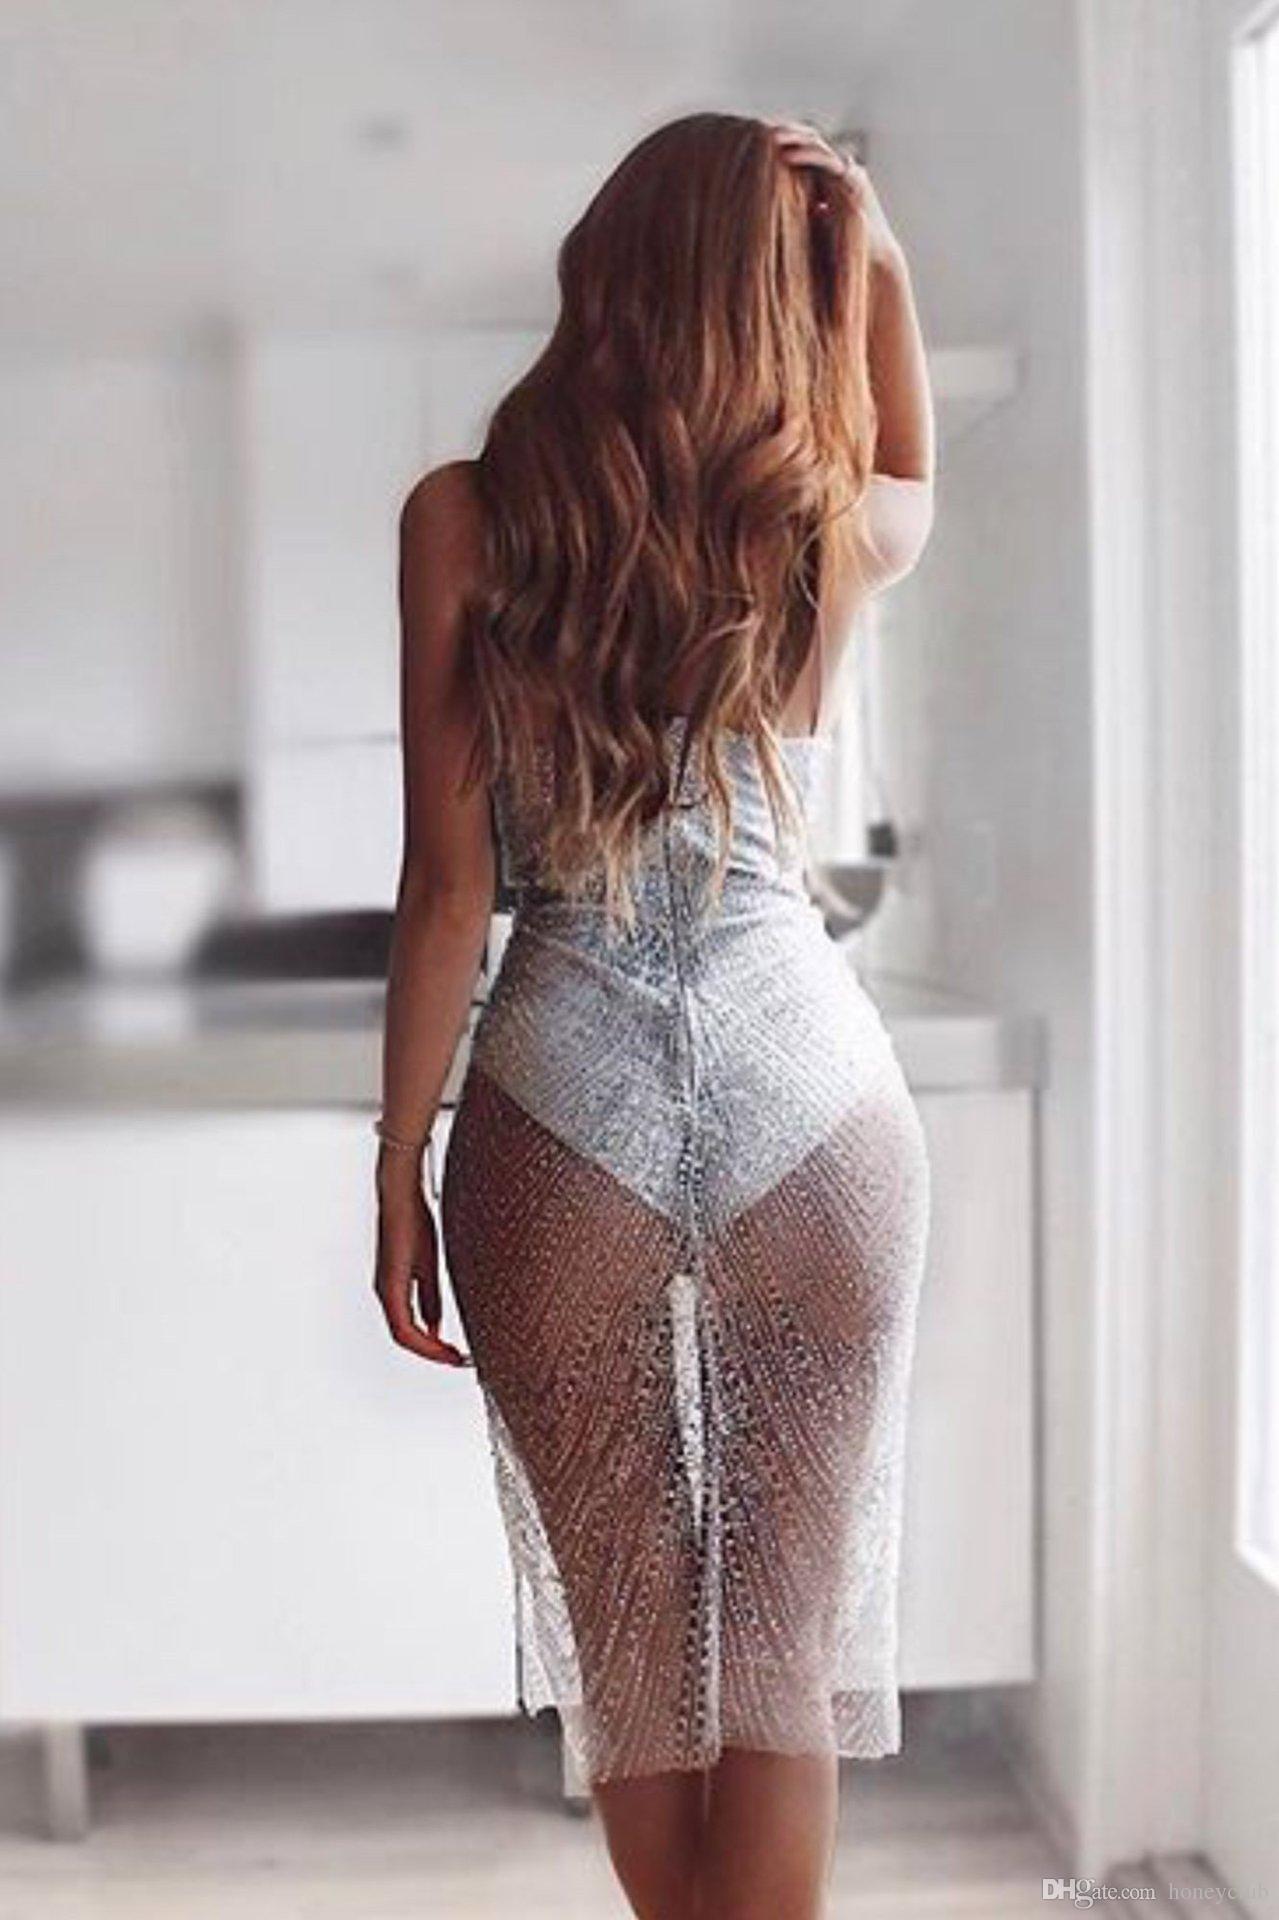 sexy mature women dress